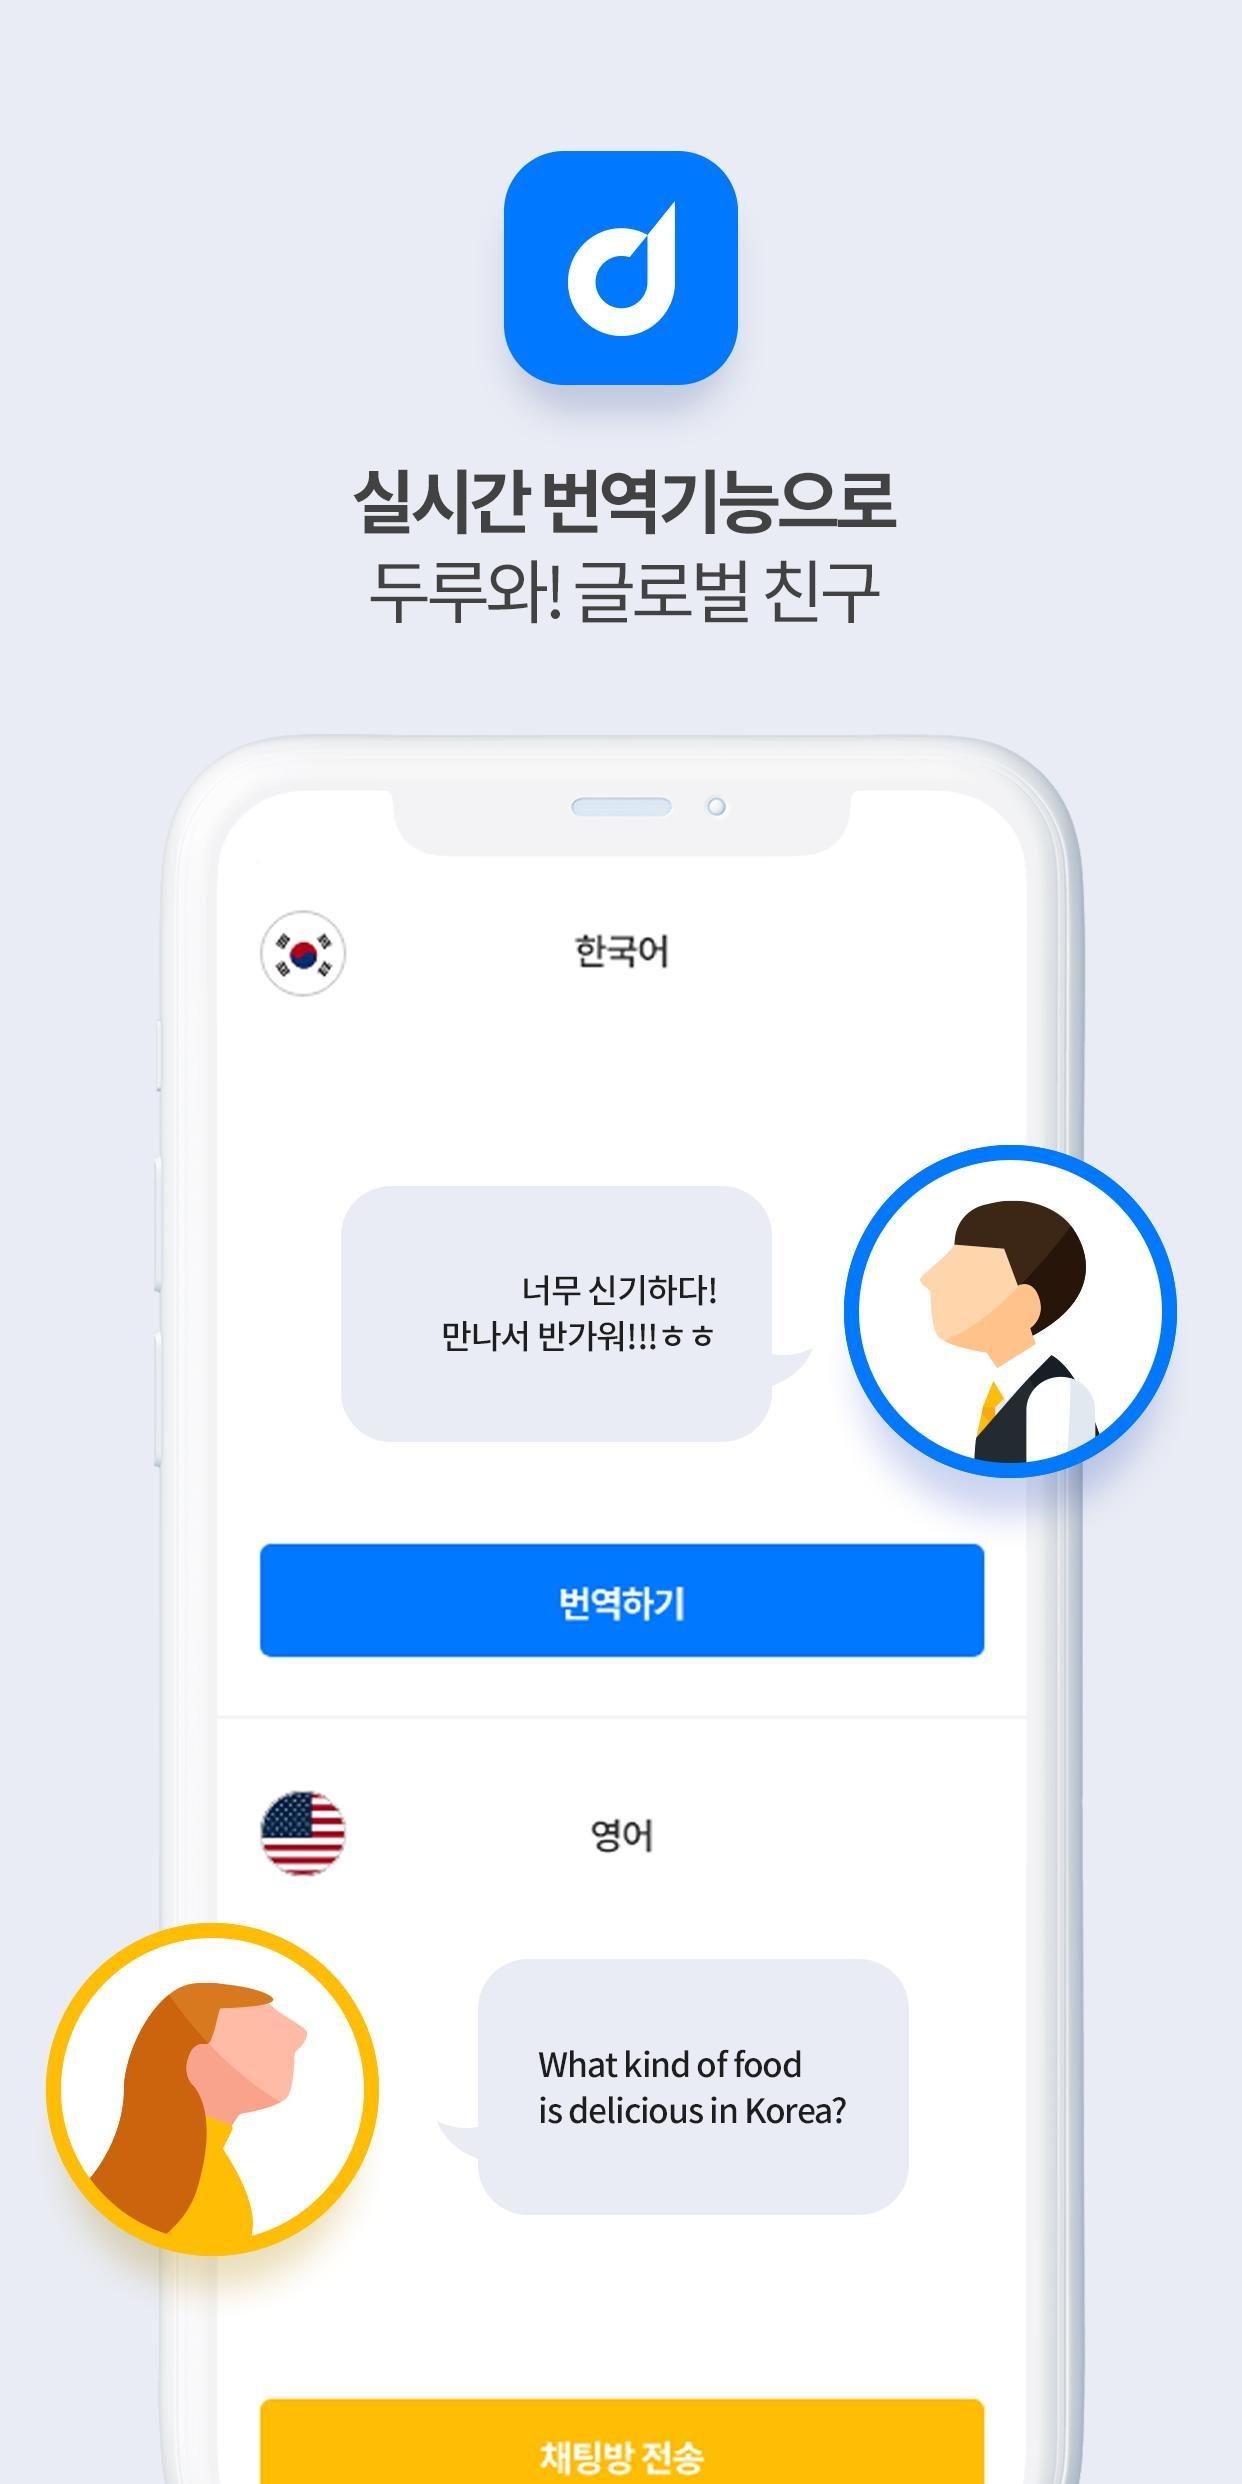 두루톡 - 톡&SNS만해도 돈버는 어플 for Android - APK Download